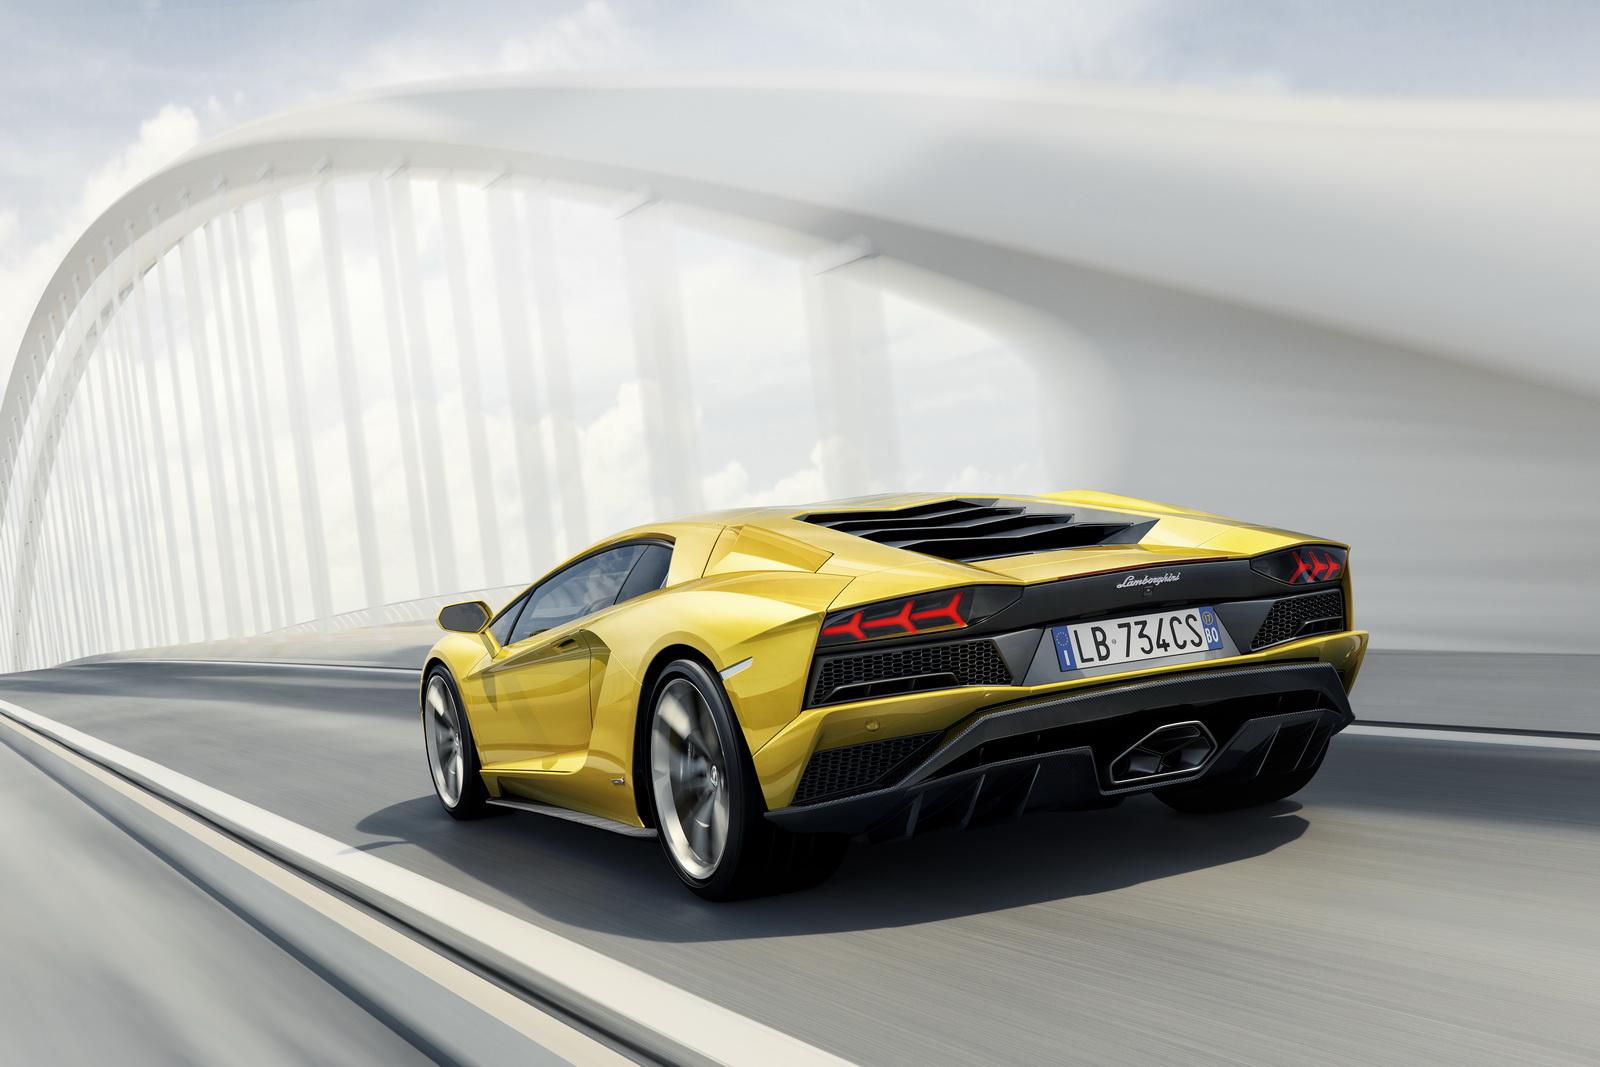 Lamborghini Aventador S em posição 3x4 de traseira